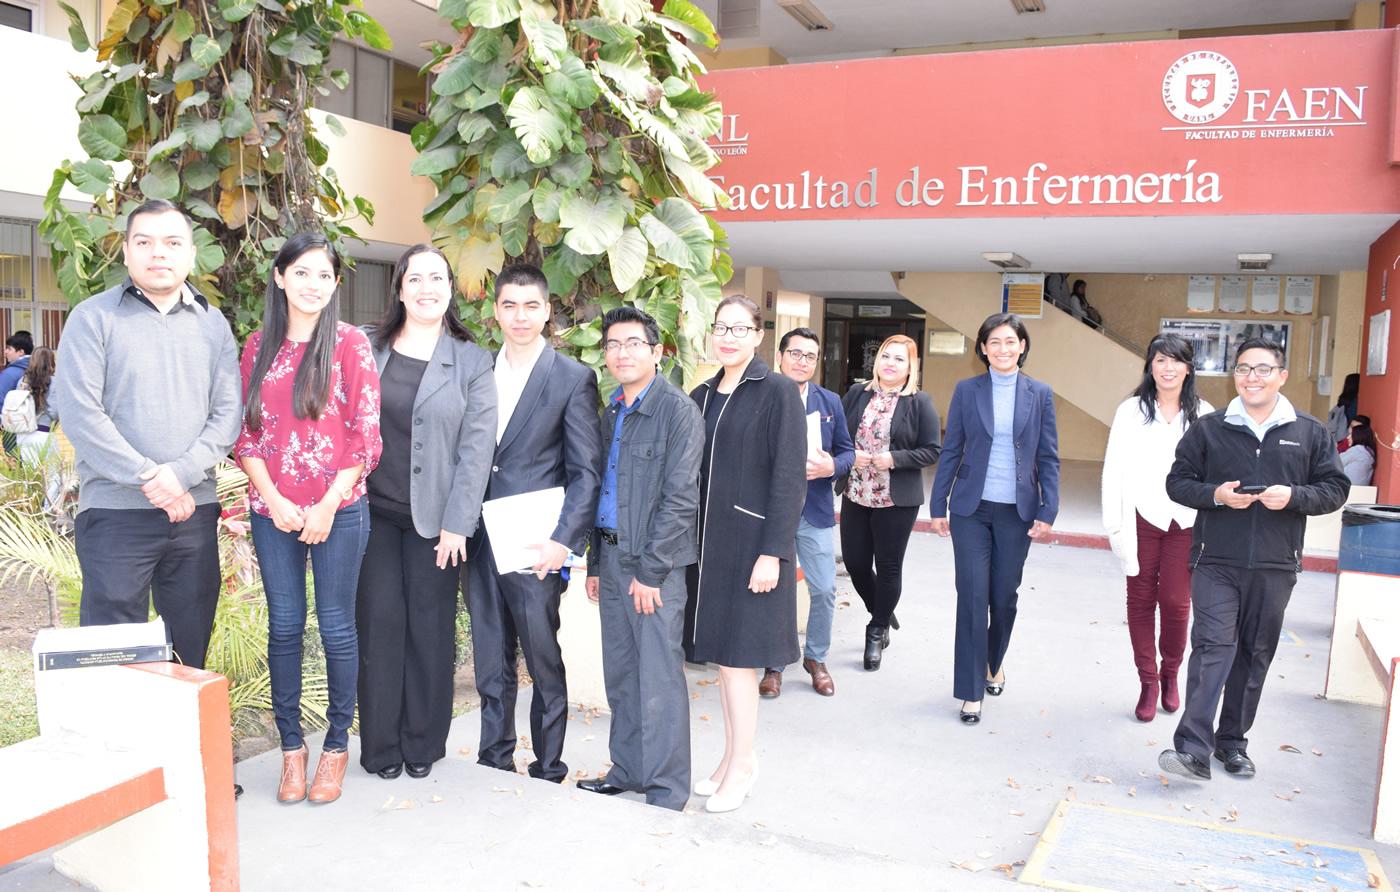 Doctorado en Ciencias de Enfermería | Facultad de Enfermería UANL